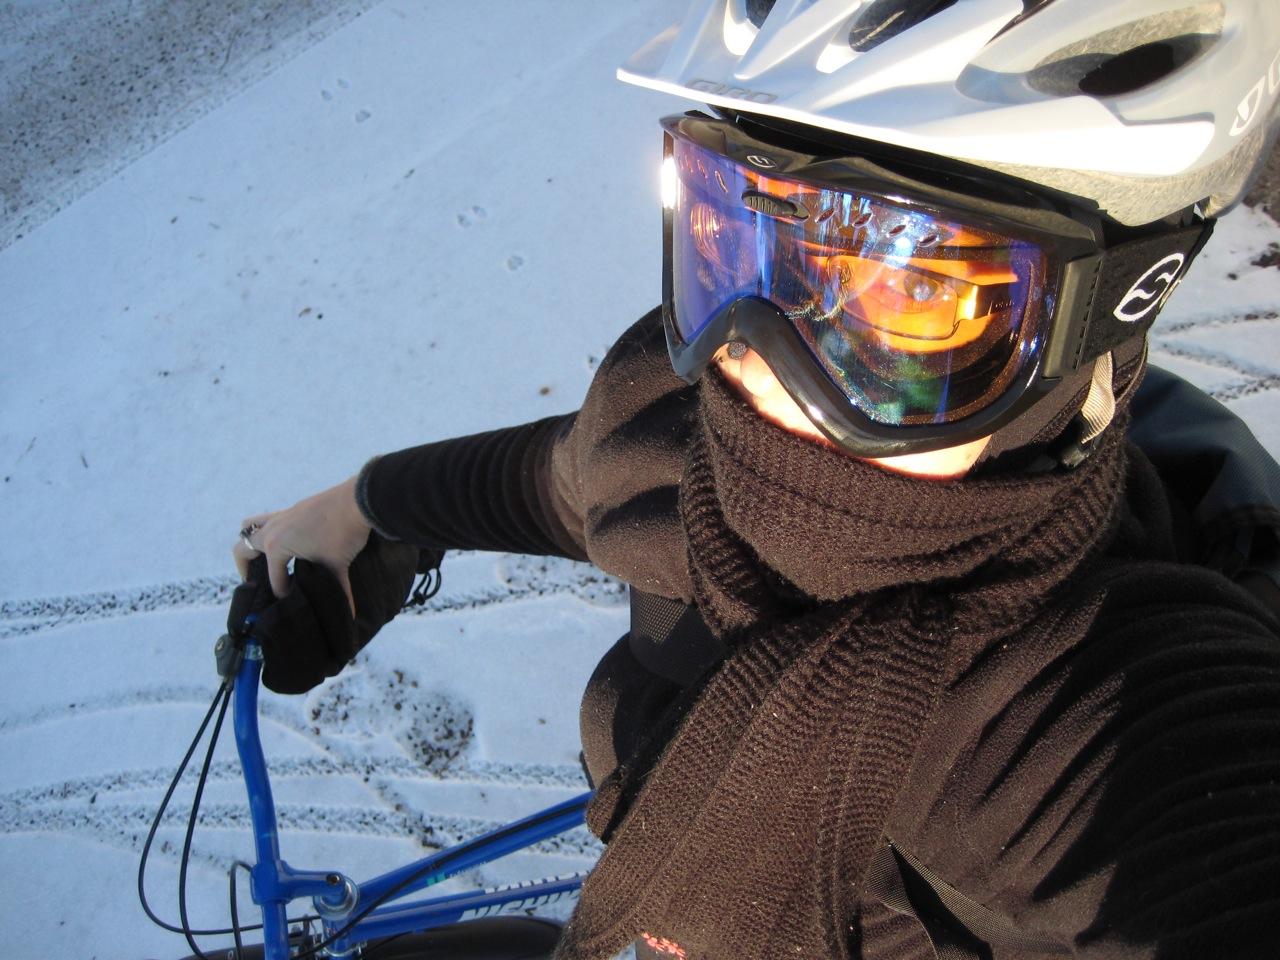 Cyclisme en hiver : comment se protéger du froid ?